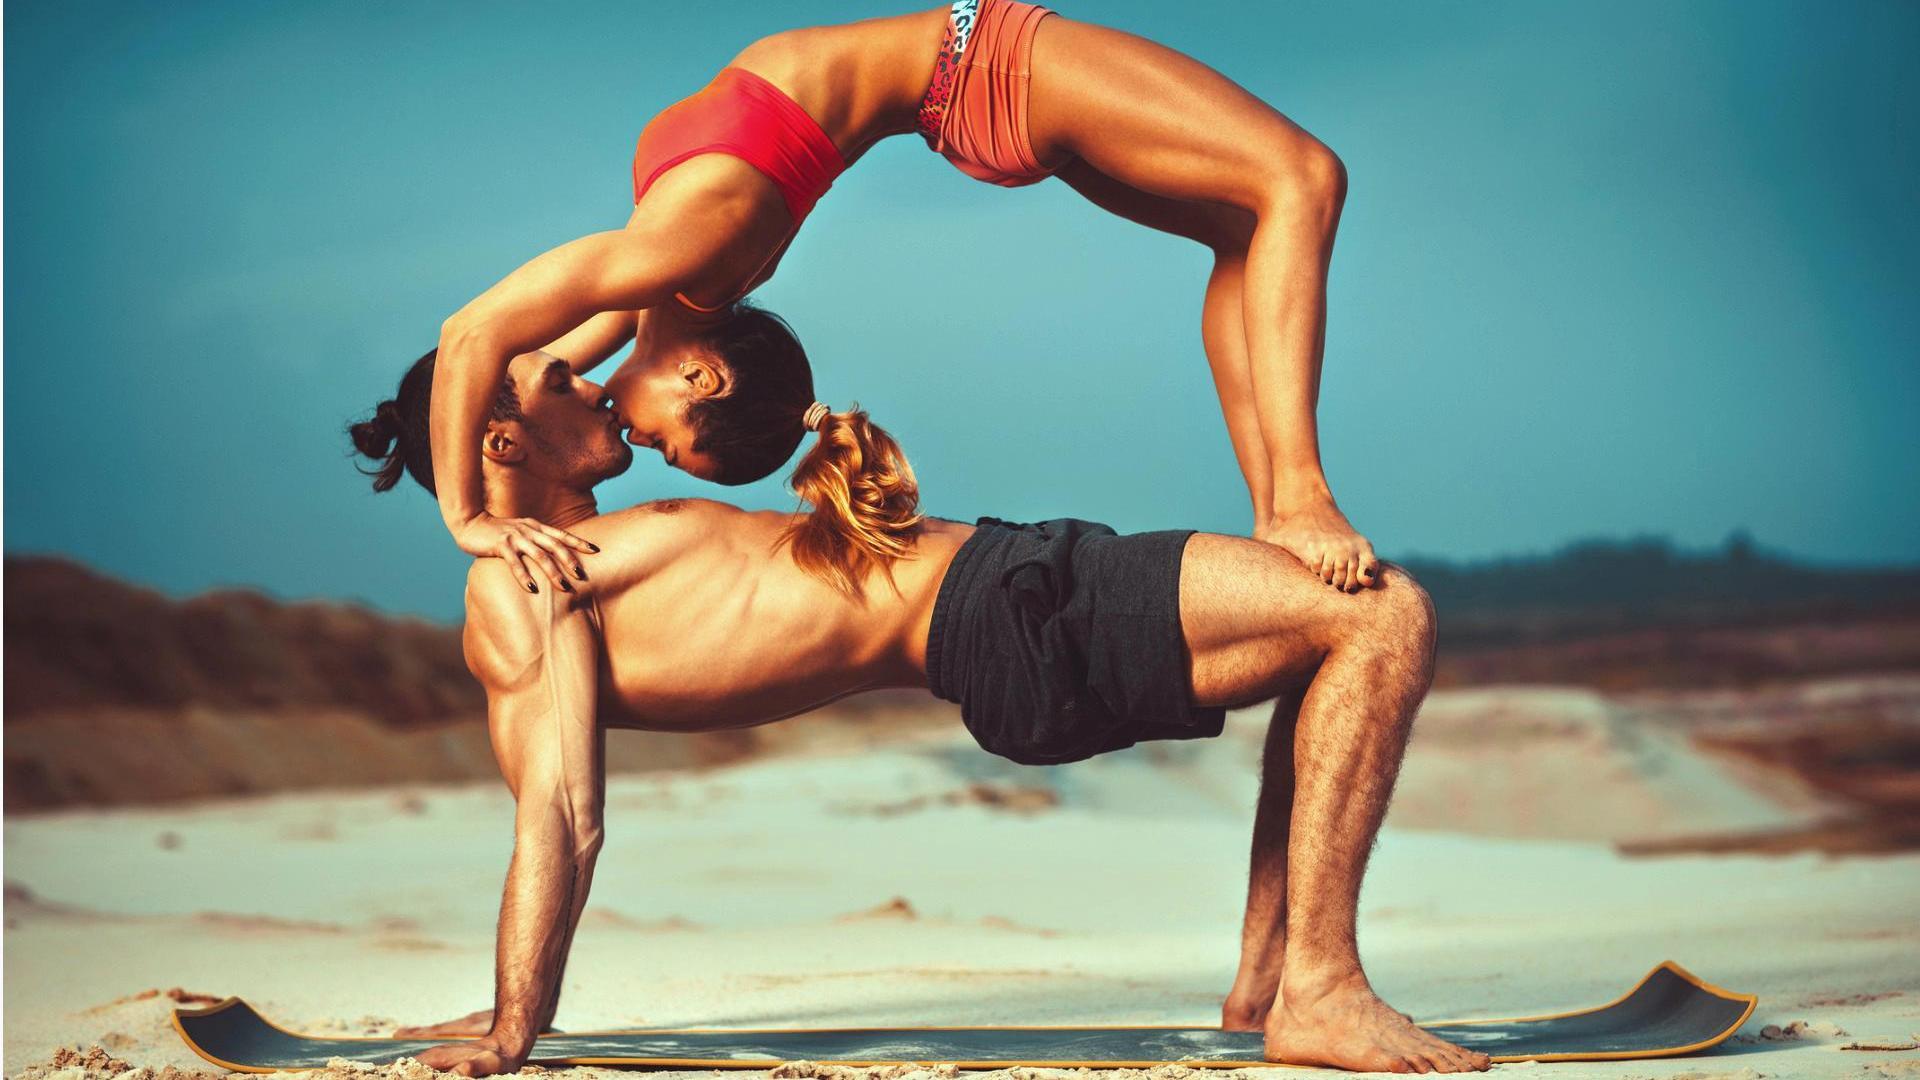 Partner Yoga Die 5 Besten Ubungen Fur Paare Wmn